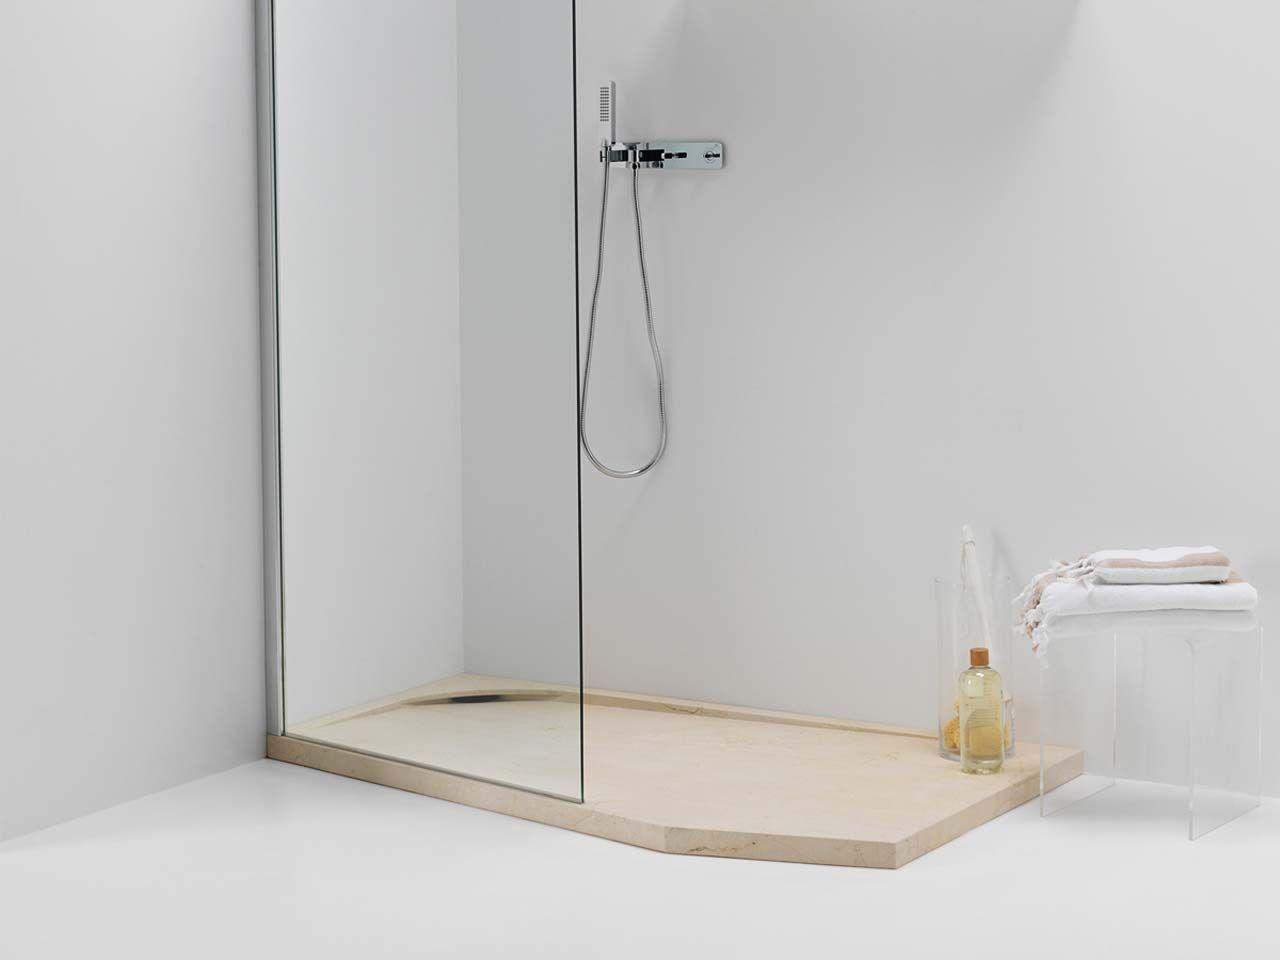 receveur de douche porcelanosa ma salle de bain shower. Black Bedroom Furniture Sets. Home Design Ideas